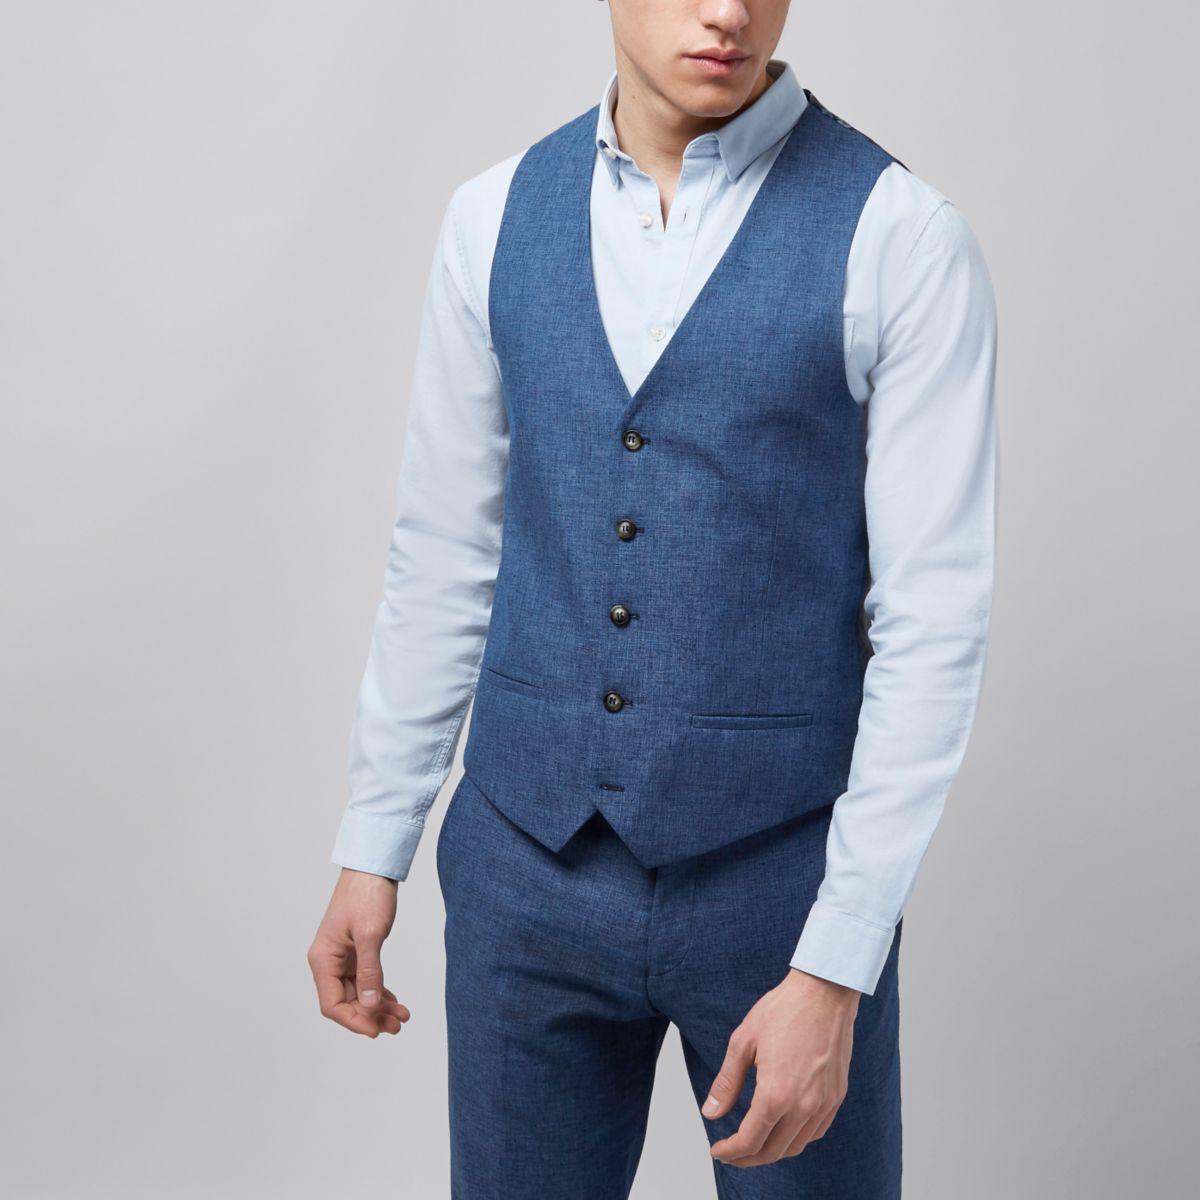 Blue linen vest